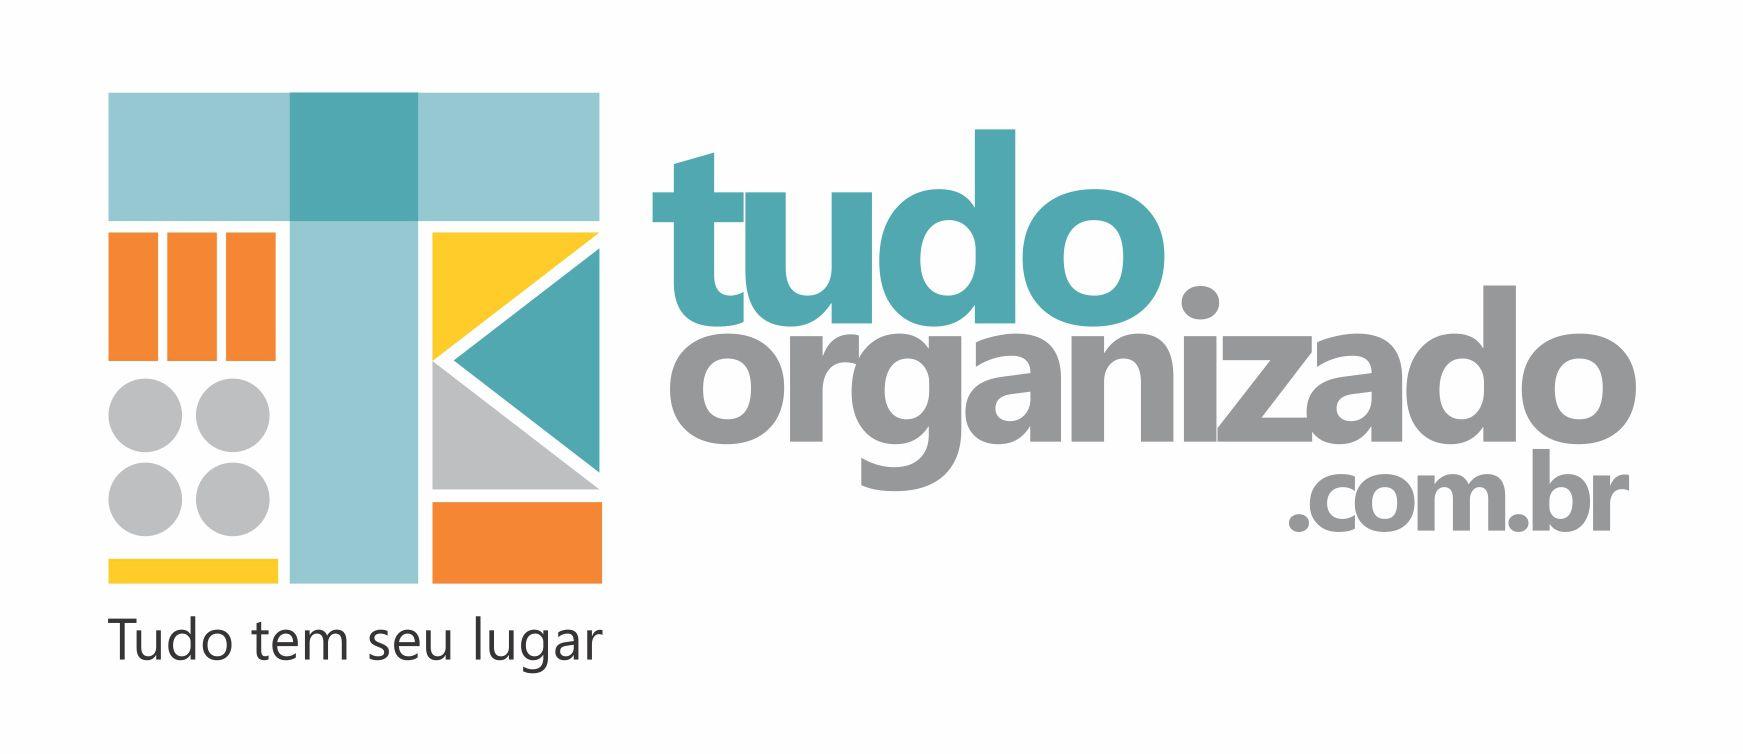 Projeto de Organização - Personal Organizer